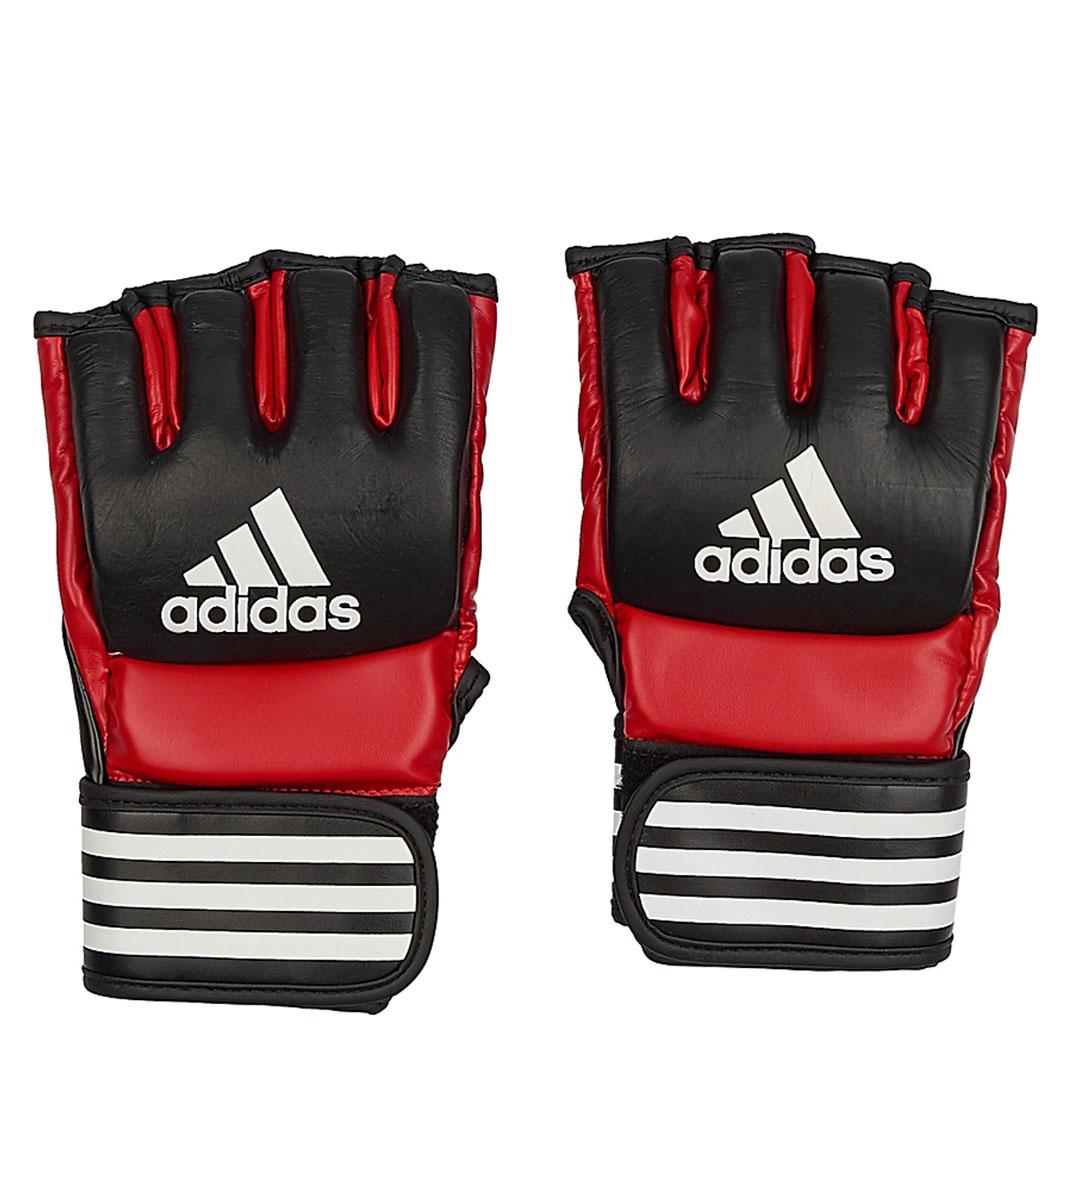 Перчатки для смешанных единоборств Adidas Ultimate Fight, цвет: черный, красный. Размер XLadiCSG041Боевые перчатки Adidas Ultimate Fight предназначены для занятий смешанными единоборствами. Они изготовлены из натуральной воловьей кожи с черными вставками из вспененного полимера. Внутренняя часть выполнена с использованием технологии I-Comfort+, благодаря чему перчатки быстро высыхают, не скользят по руке и не вызывают аллергии. Застежка на липучке способствует быстрому и удобному одеванию перчаток, плотно фиксирует перчатки на руке. Одобрены UFC.